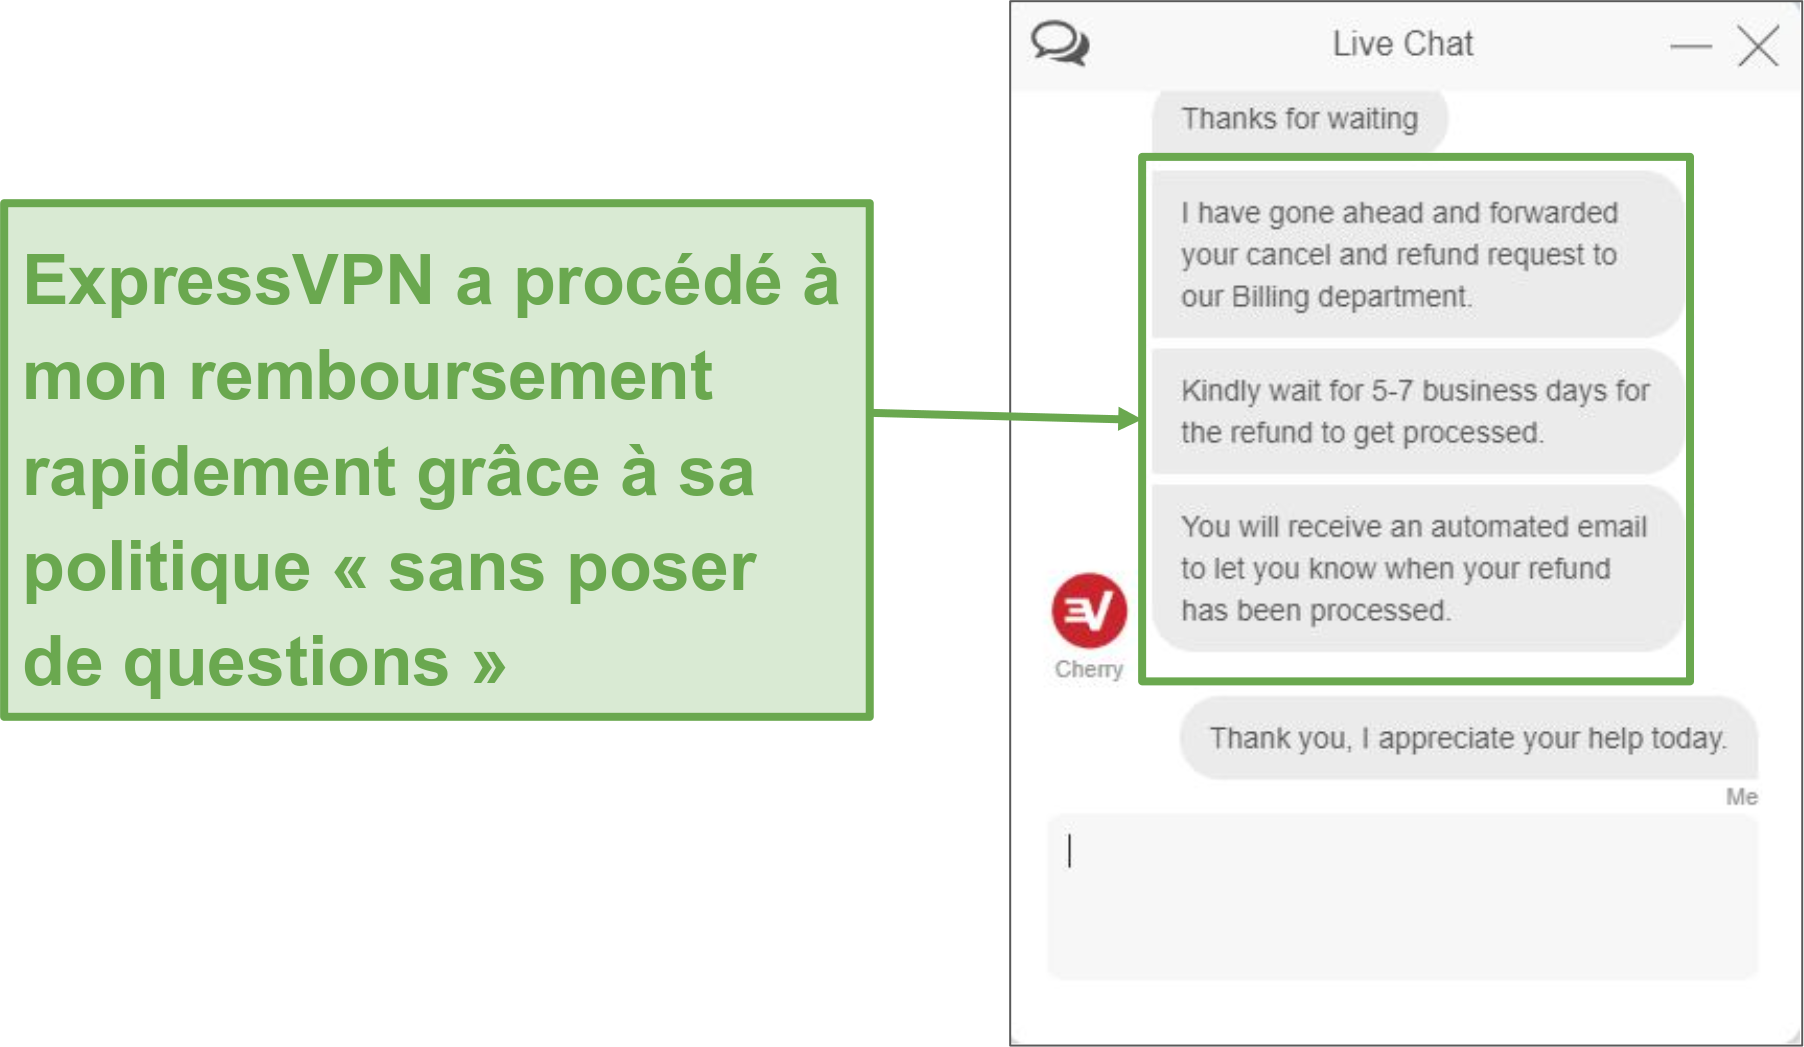 Capture d'écran de la demande de remboursement par le biais de chat en direct.